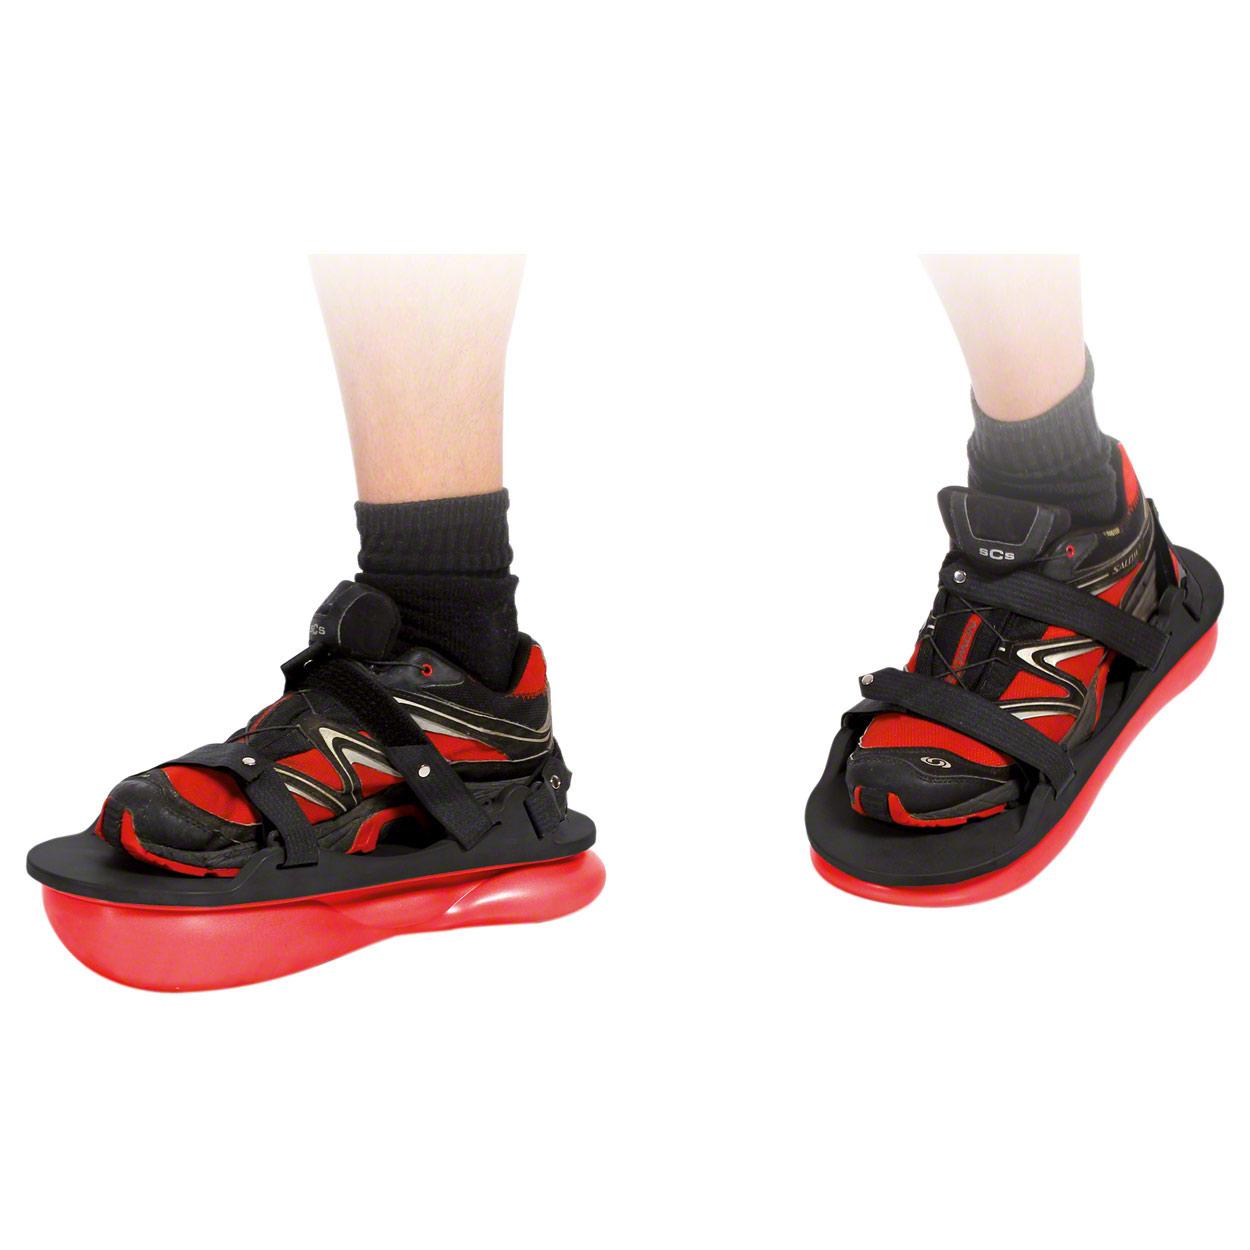 Til træning af balance og koordination - Balance - Koordination - Træning - Dynair Walker